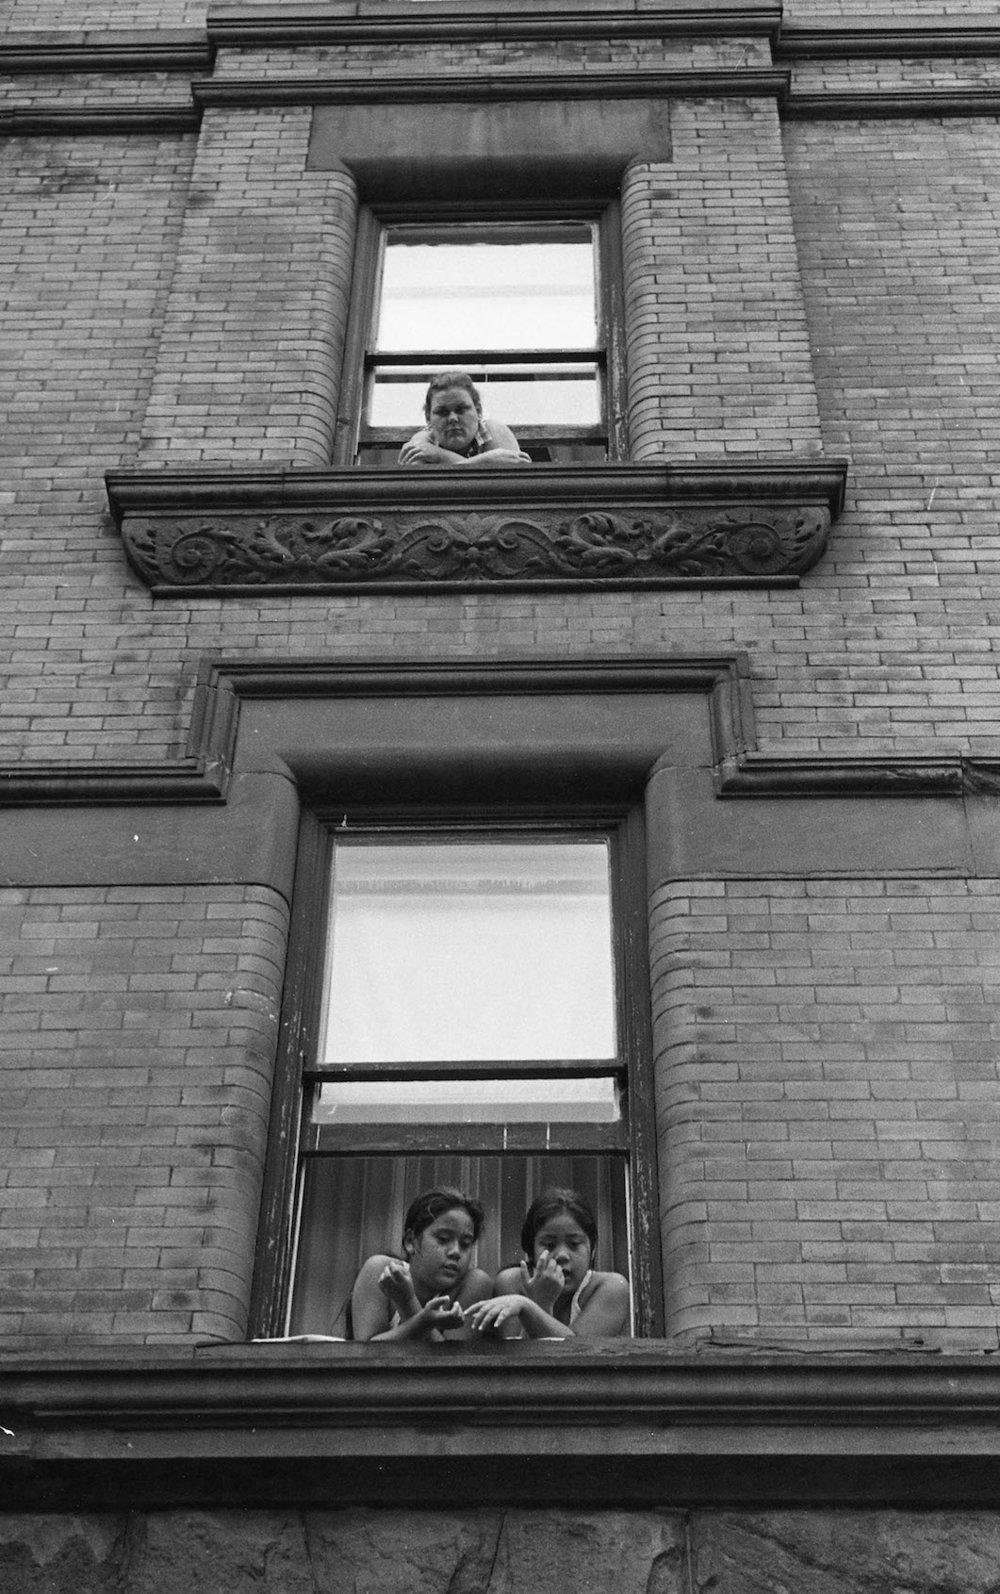 Three People in Window